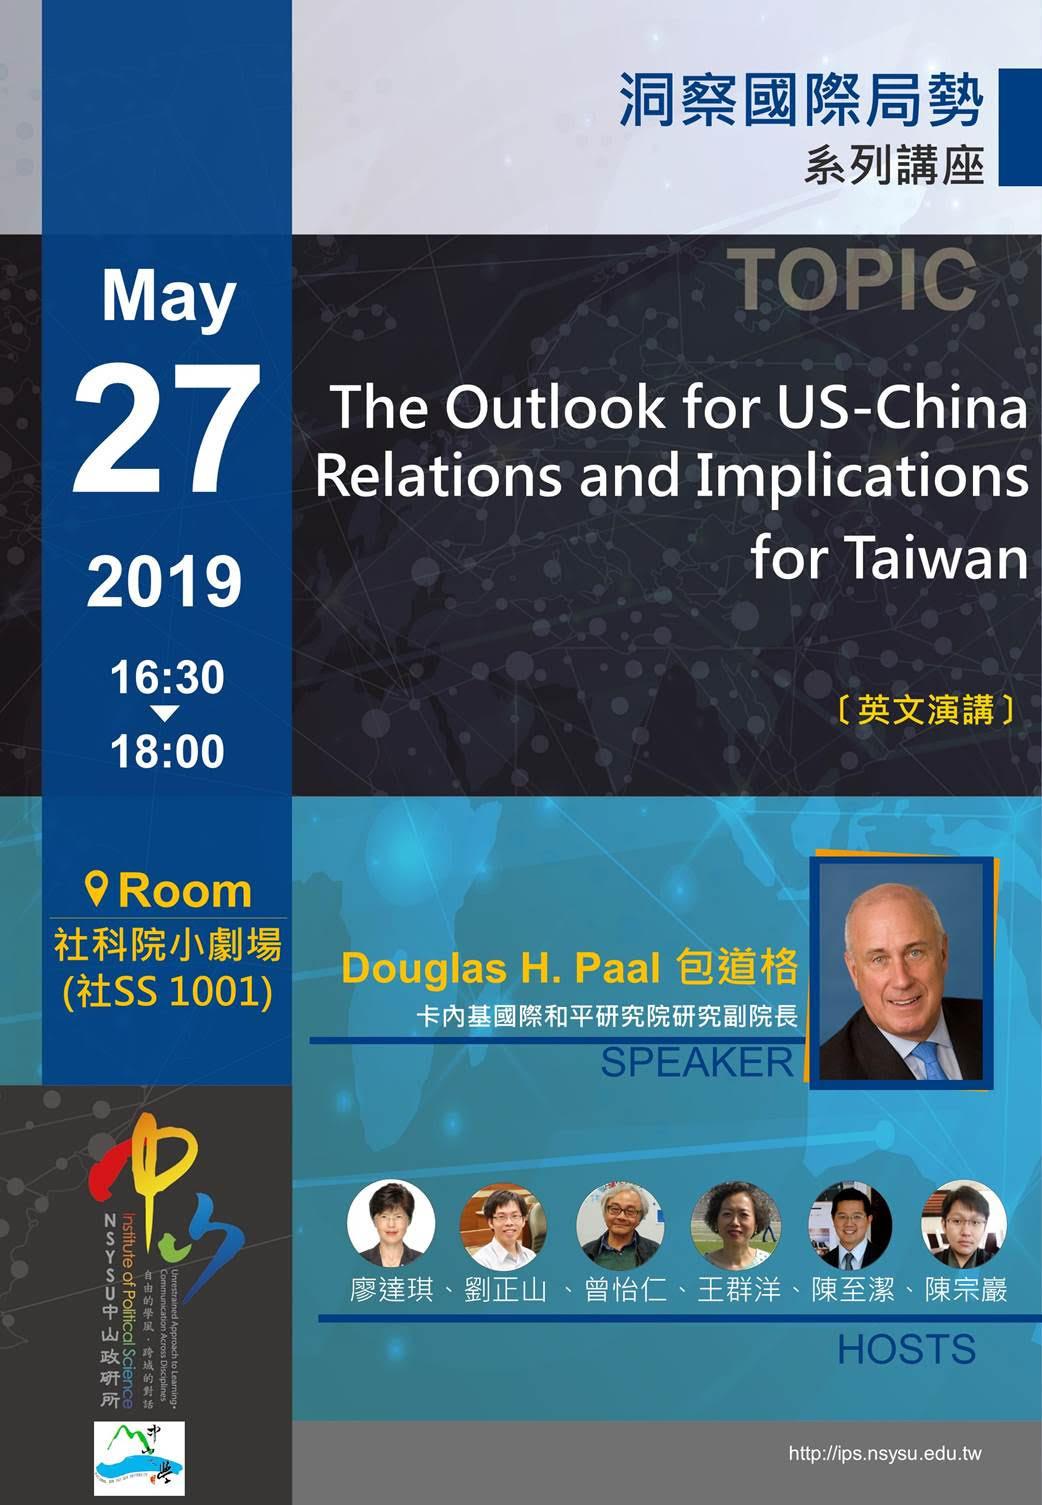 包道格:The Outlook for US-China Relations and Implications for Taiwan